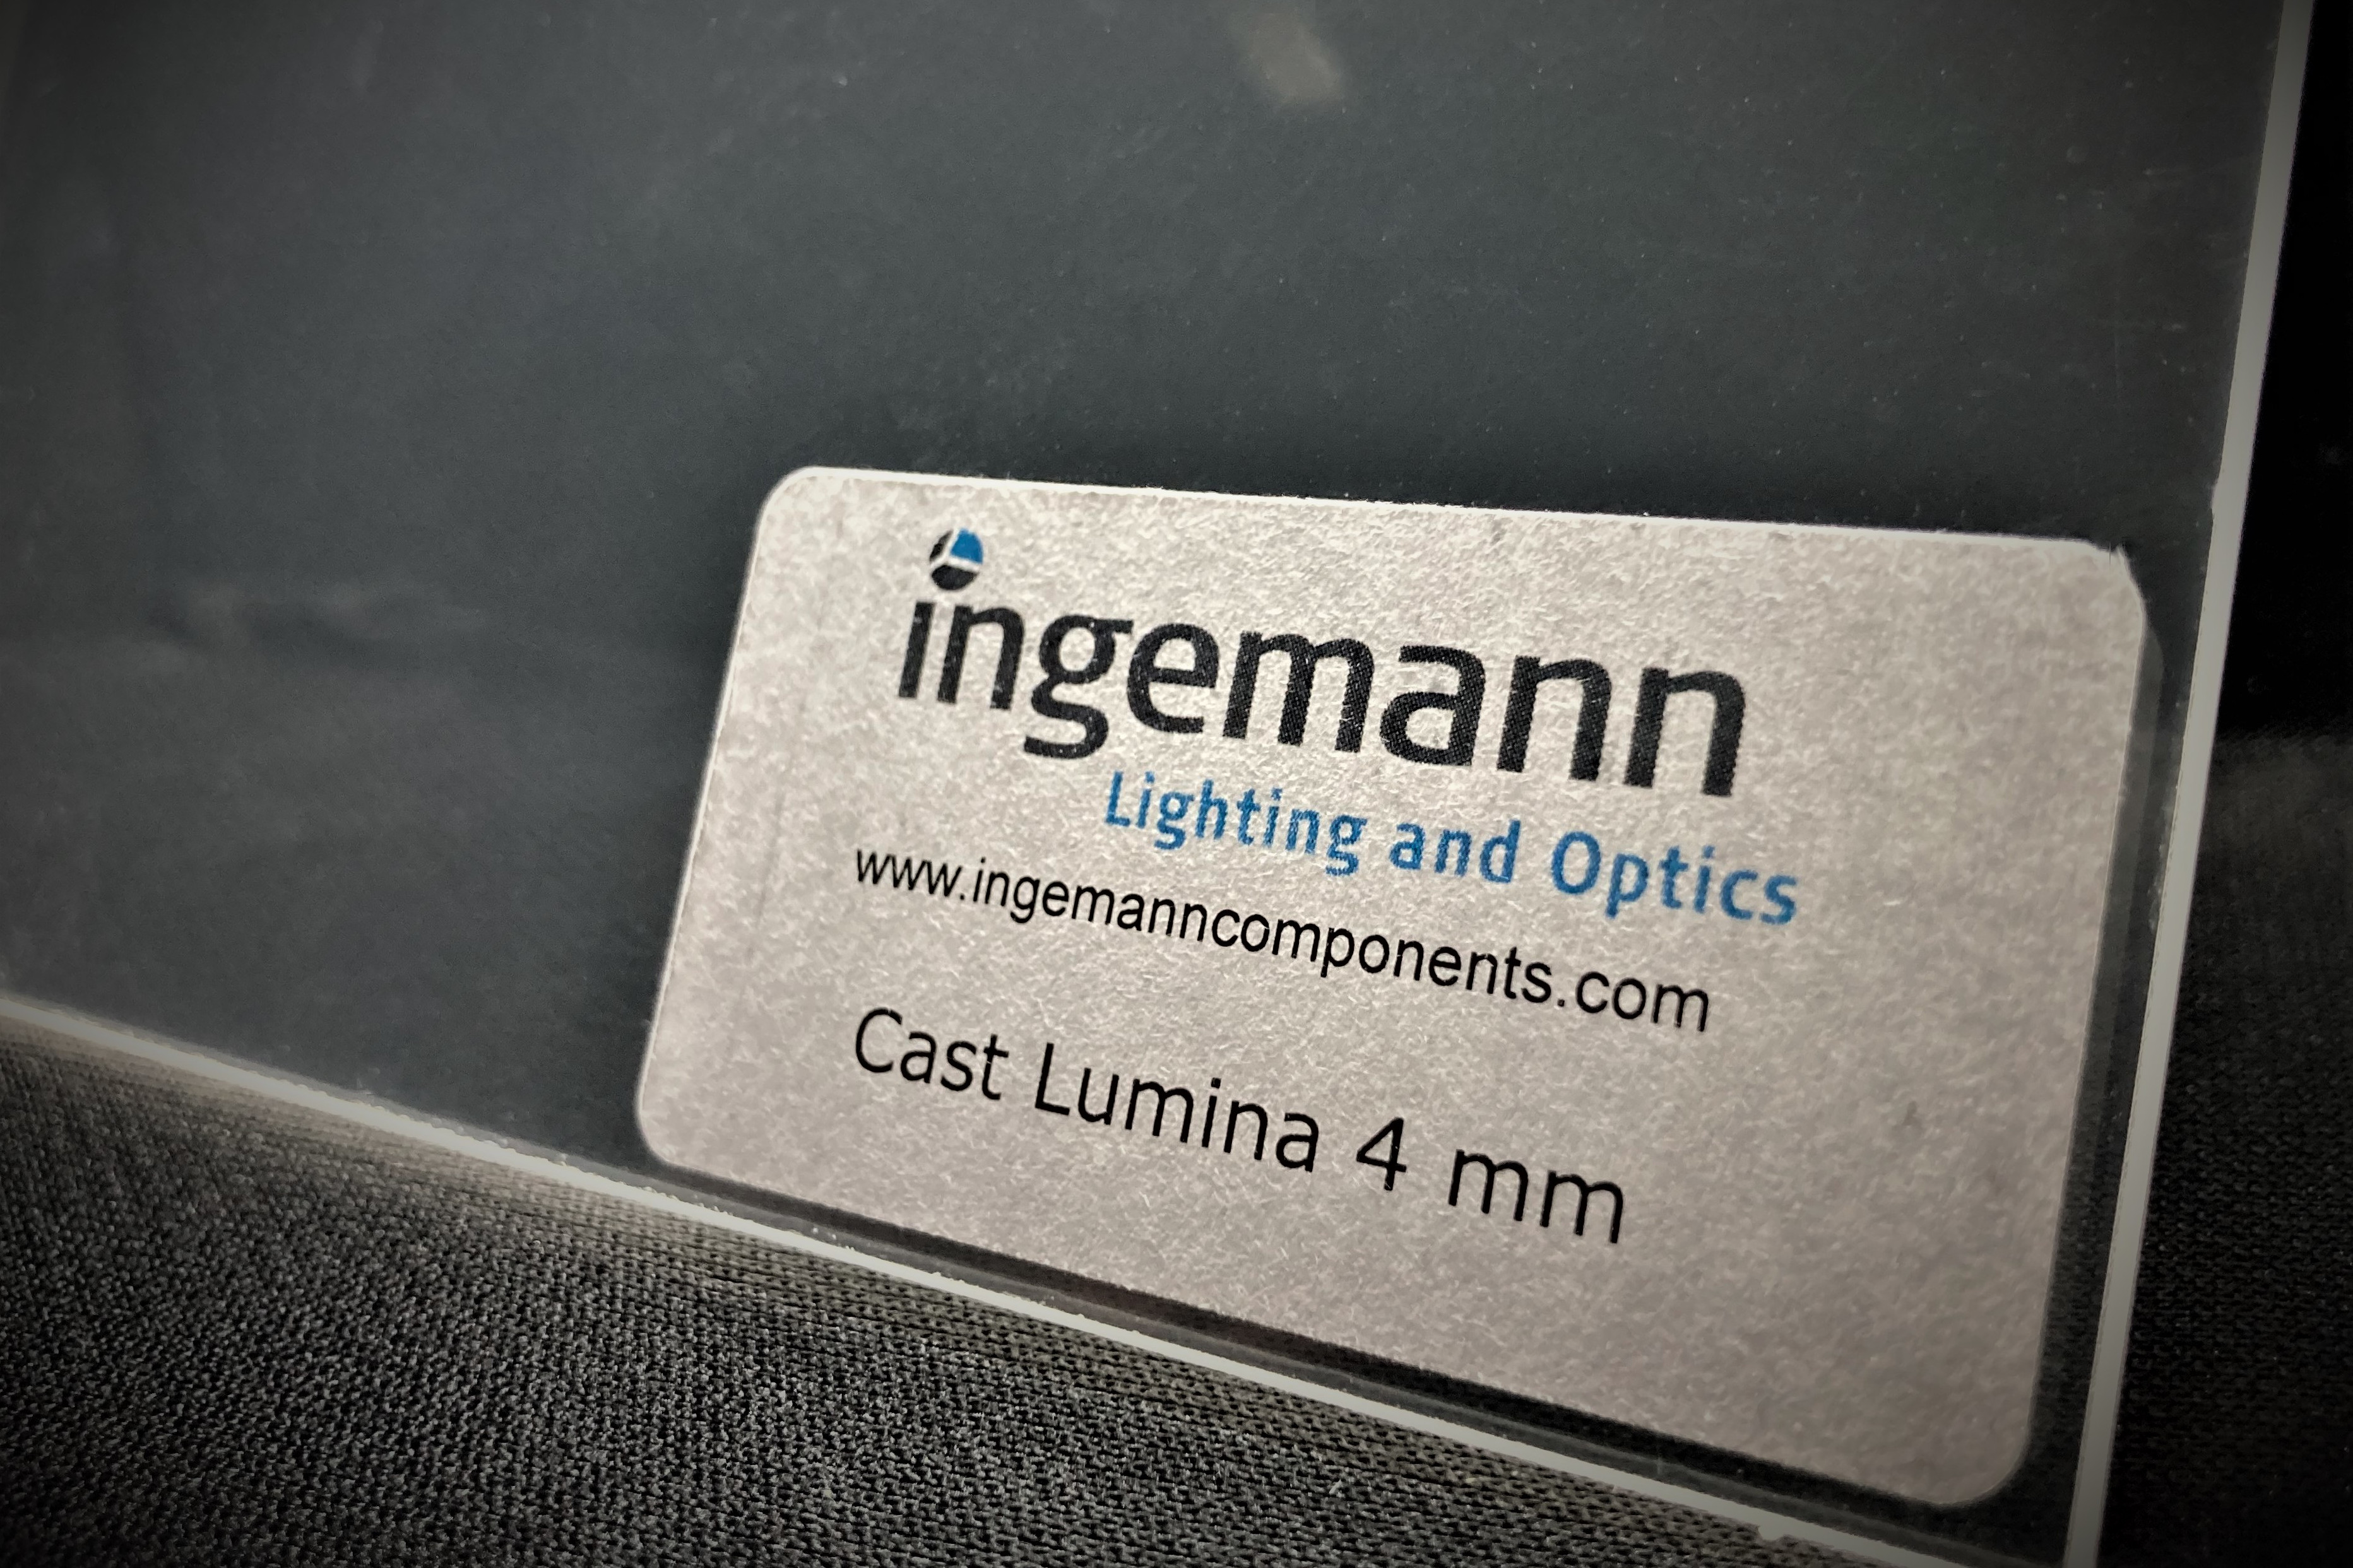 Cast Lumina